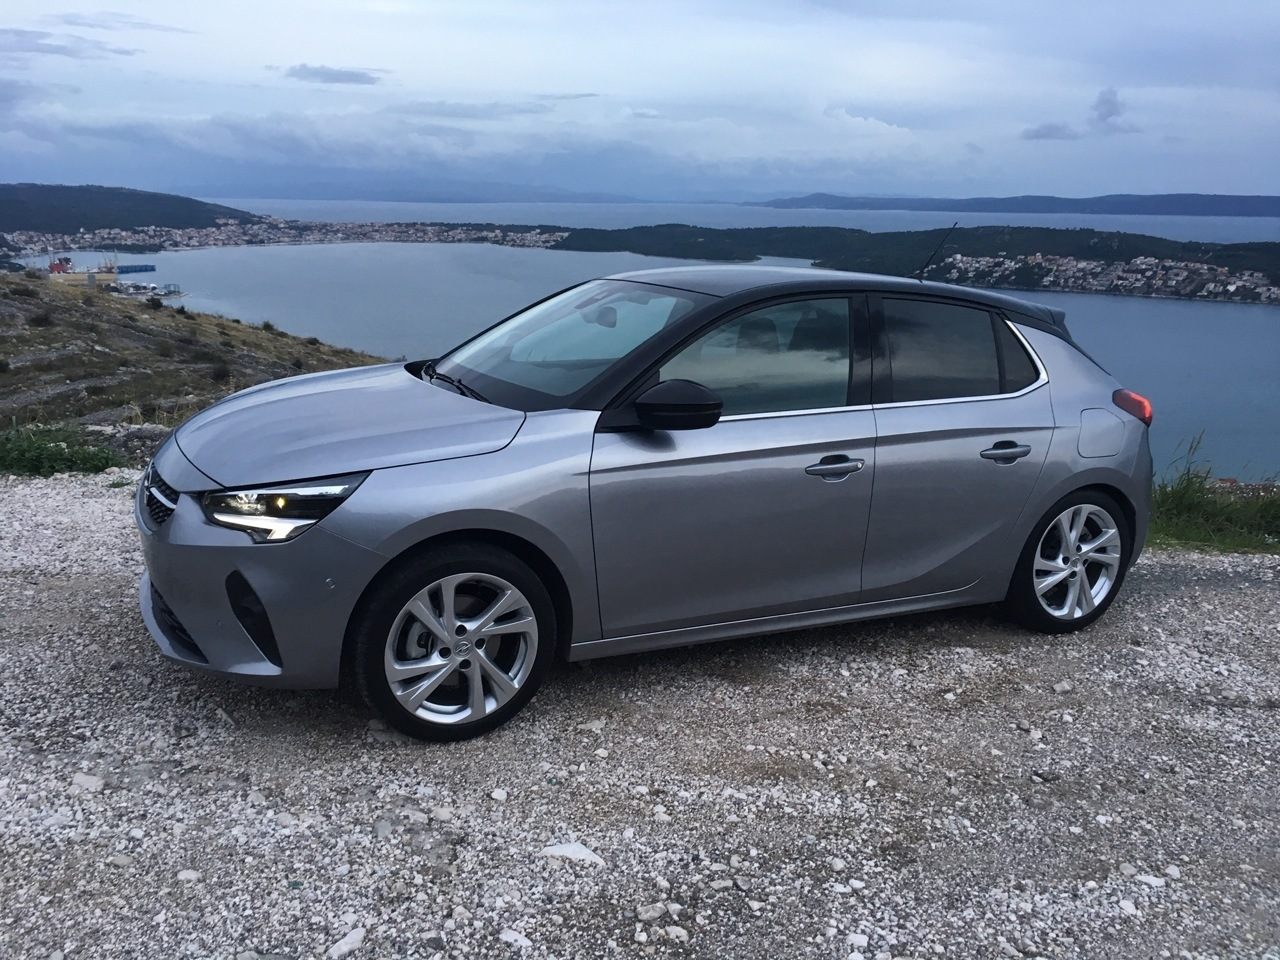 Opel Corsa 2020 - Prova Croazia